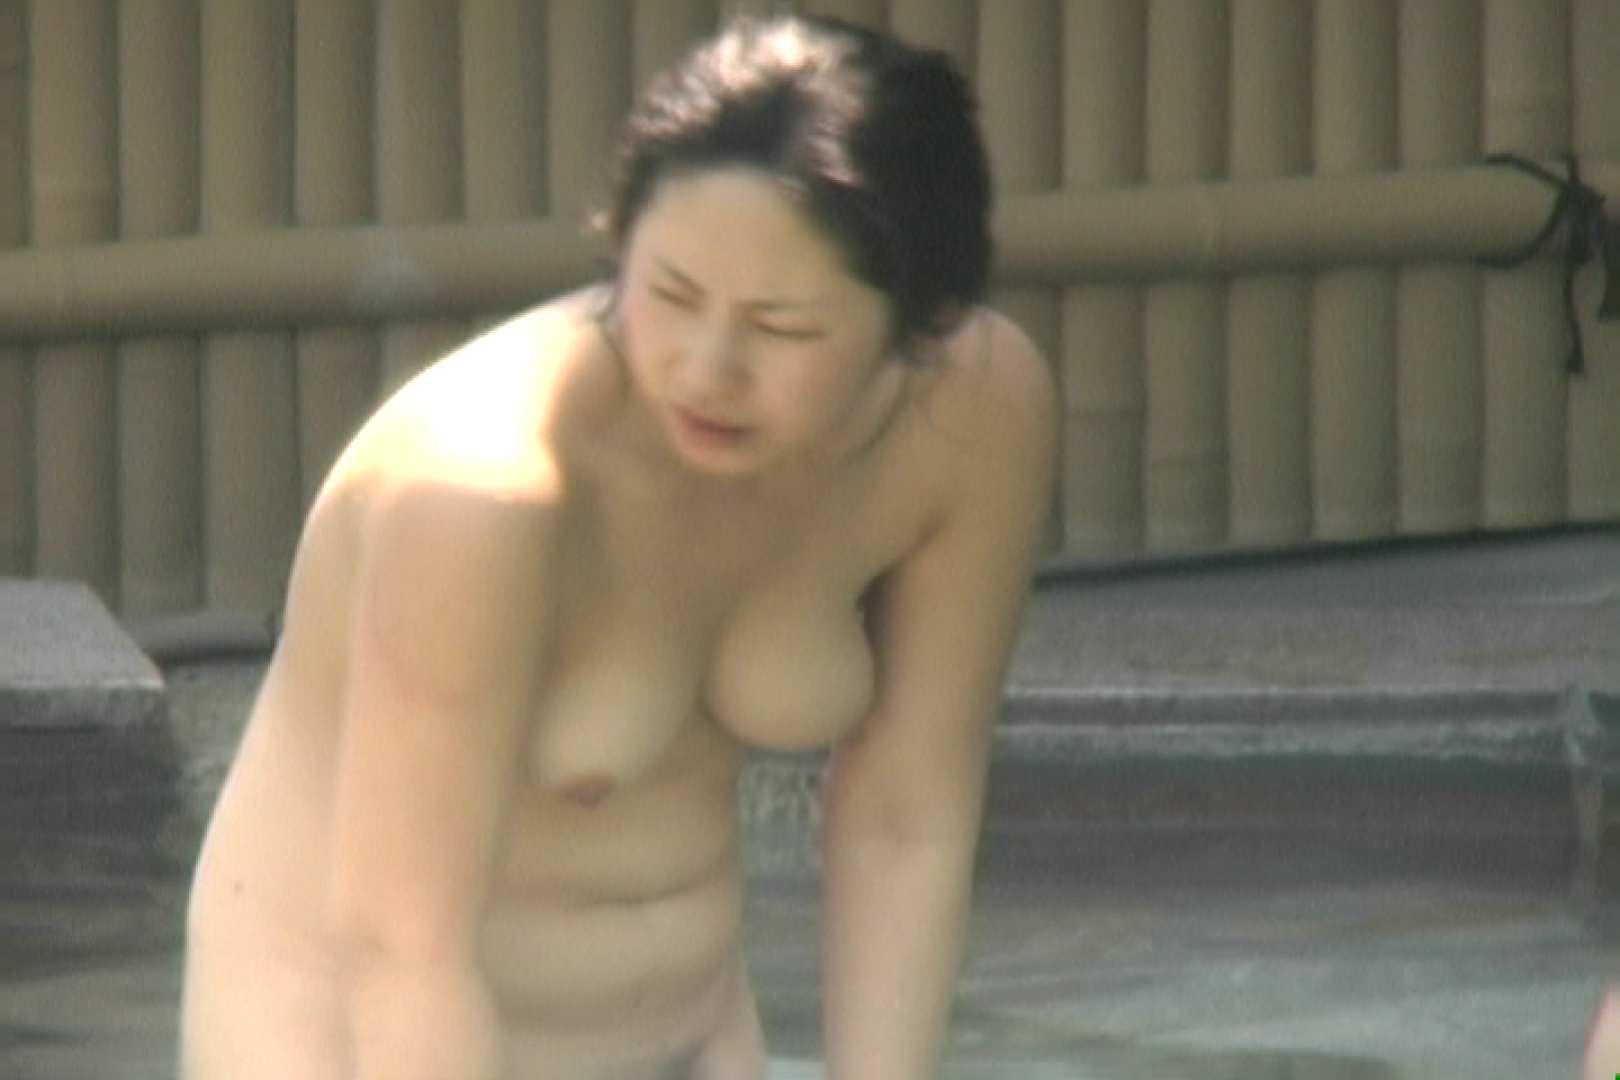 高画質露天女風呂観察 vol.002 露天風呂編 エロ画像 106PIX 50